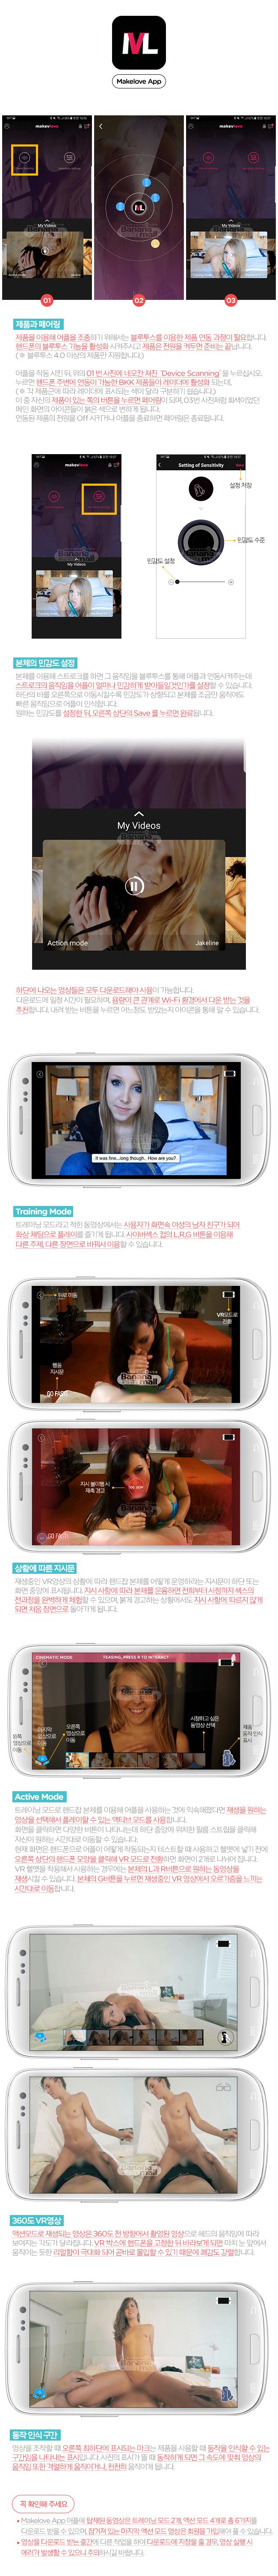 [스마트폰 연동] BKK 사이버섹스 컵 싱글(BKK Cybersex Cup Single) - 동작감지 기술 탑재